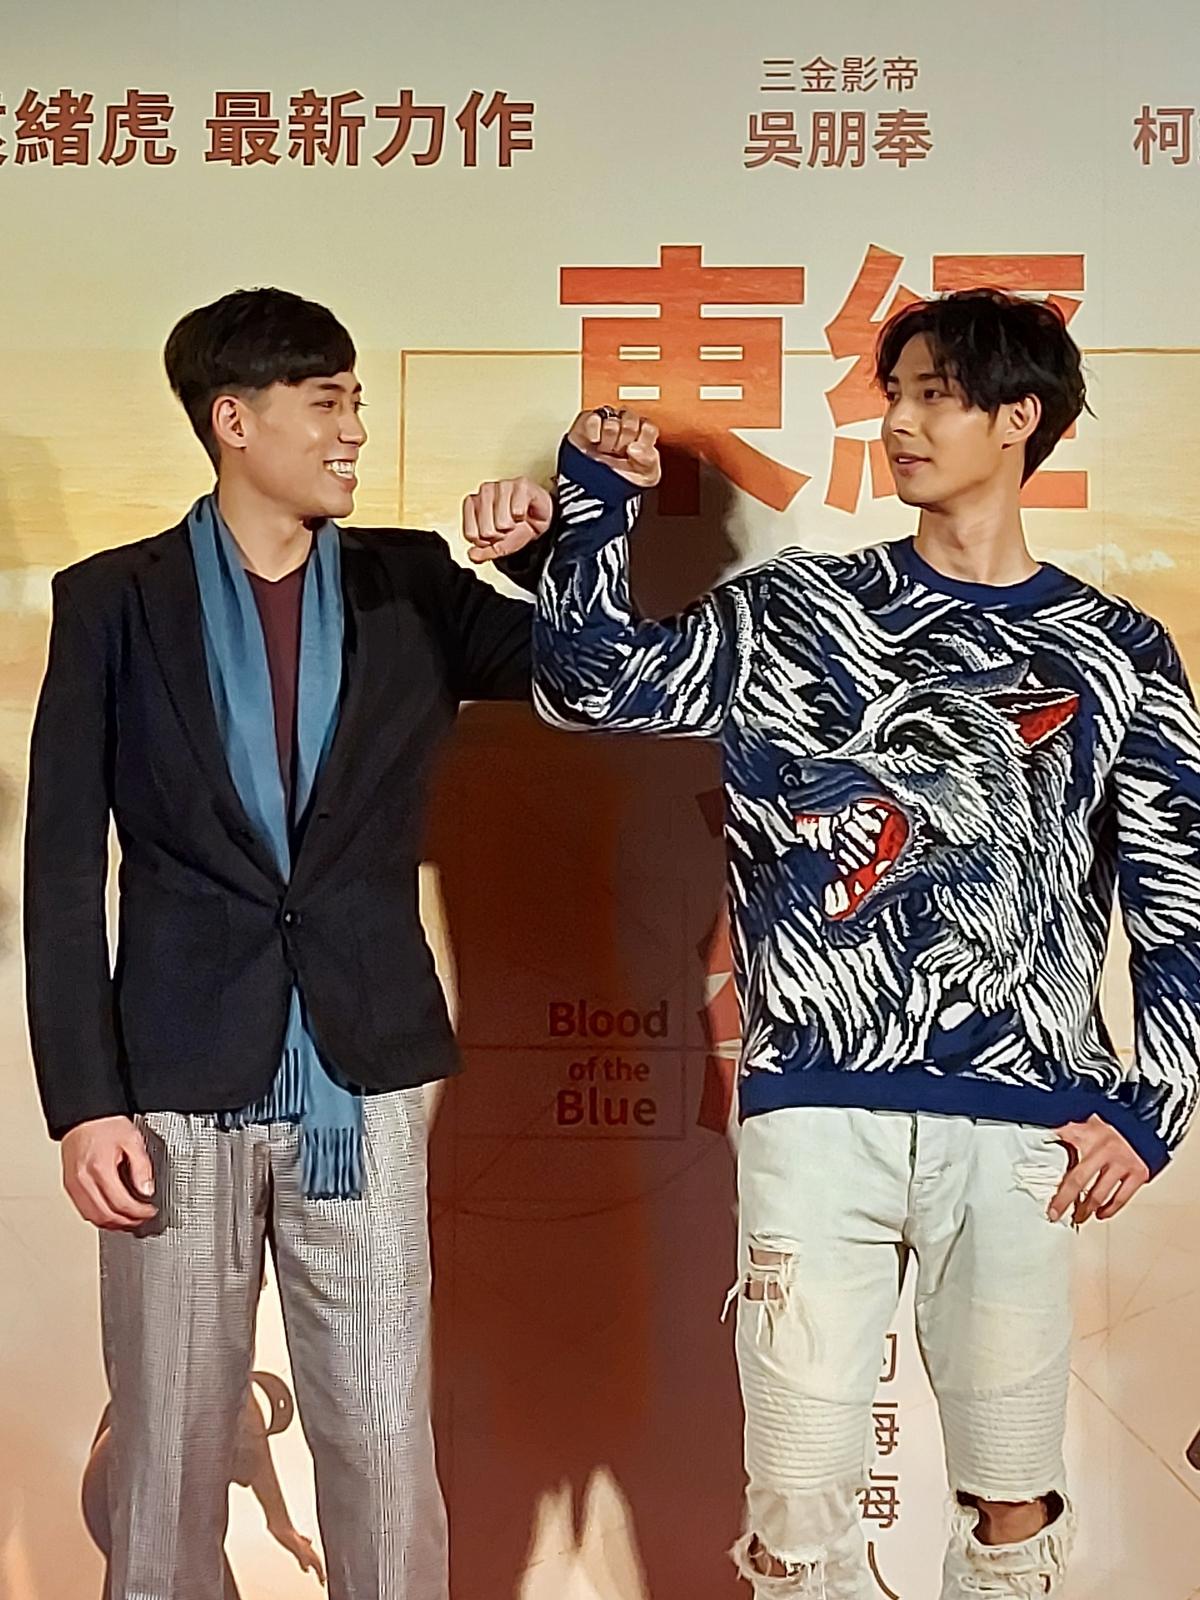 《東經北緯》首映鄭凱秀腹肌!喊話和柯鑑育拍BL劇「我可以」